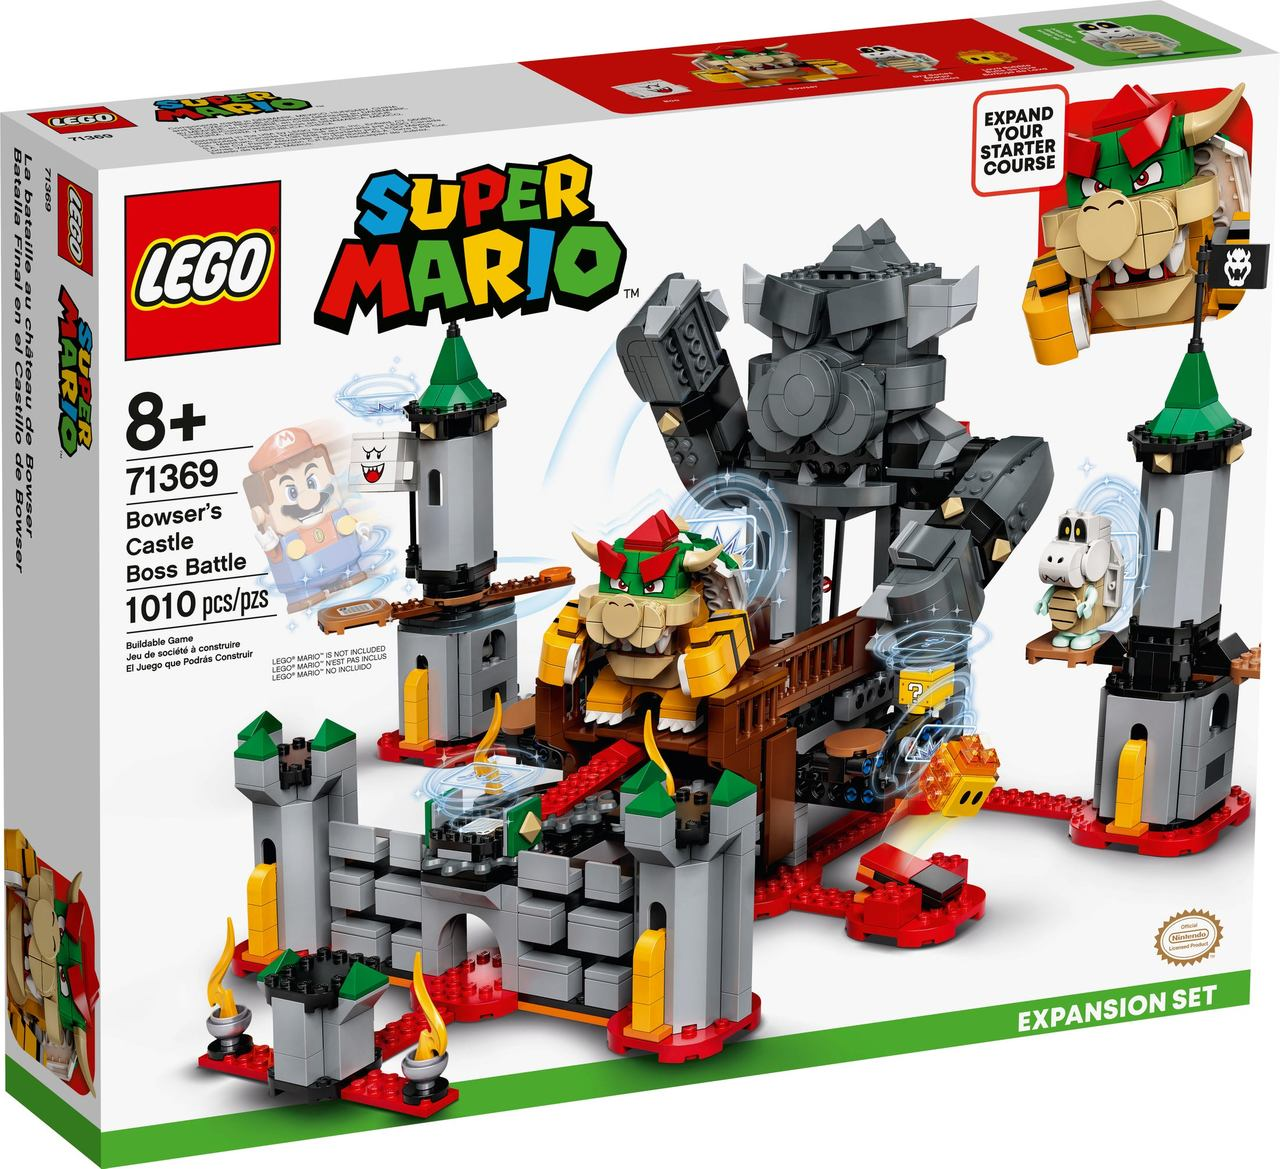 Lego Super Mario 1010 Pçs Expansão No Castelo Bowser - 71369